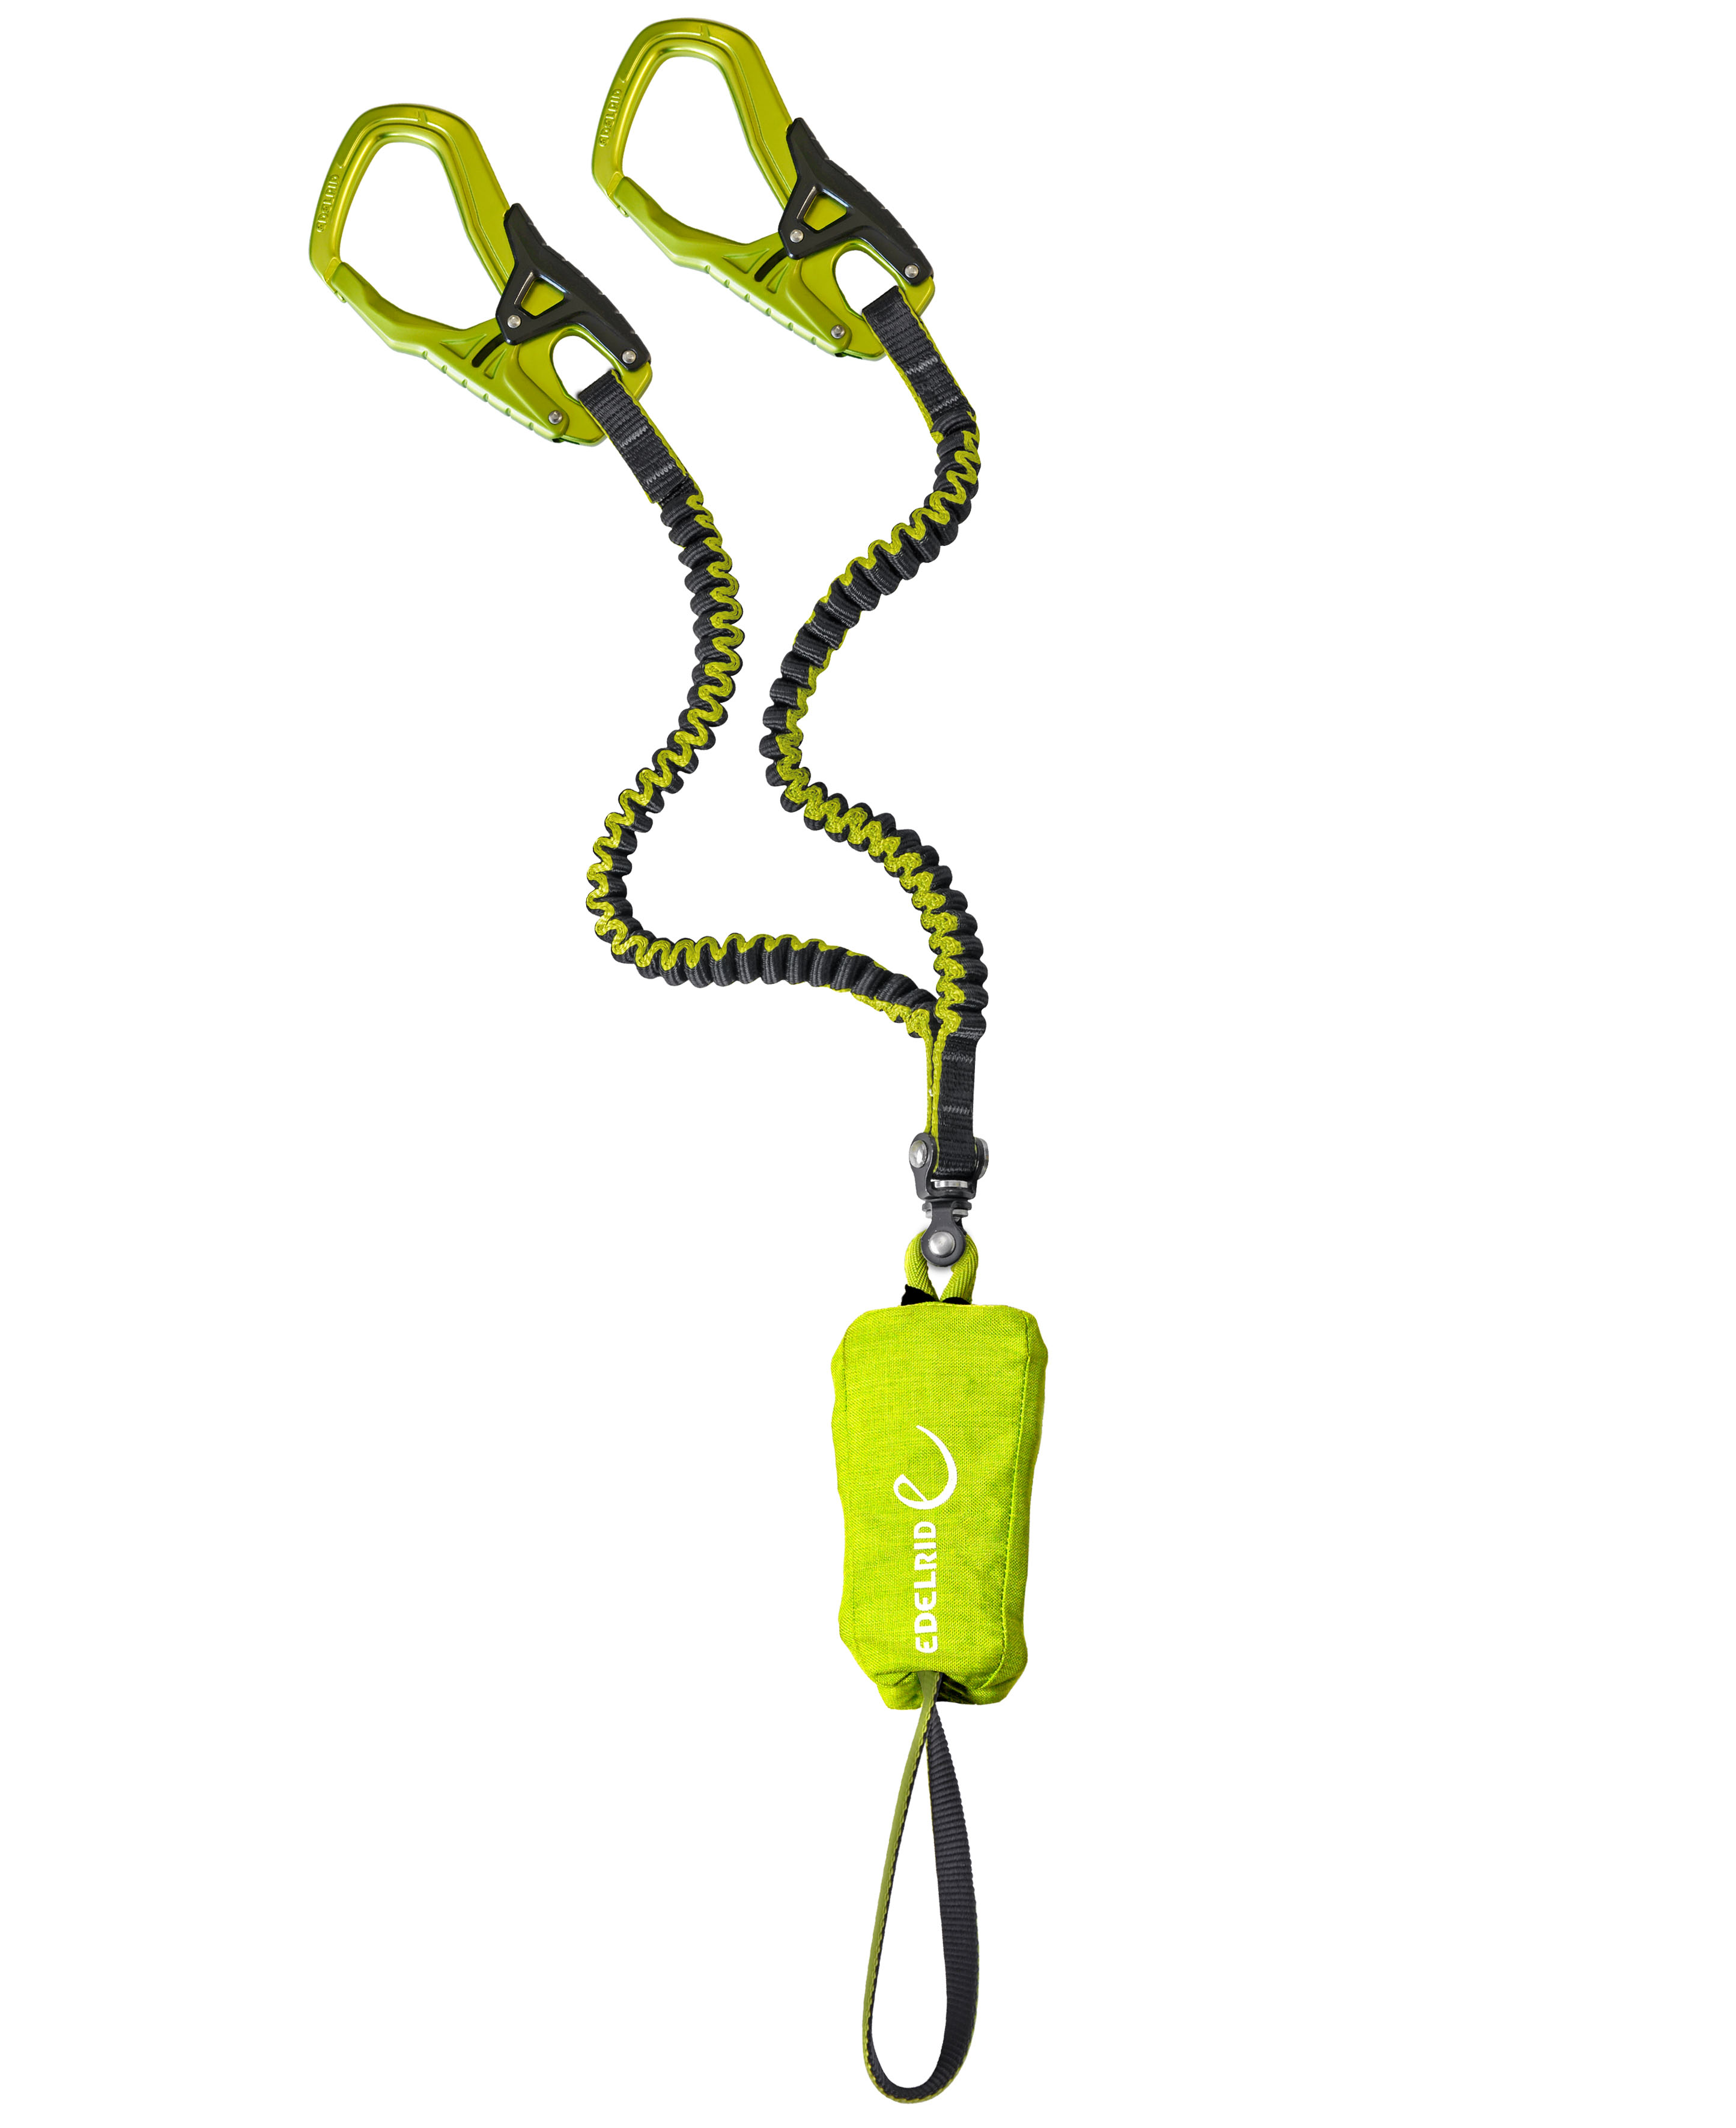 """Edelrid Klettersteigset """"Cable Comfort 5.0"""""""